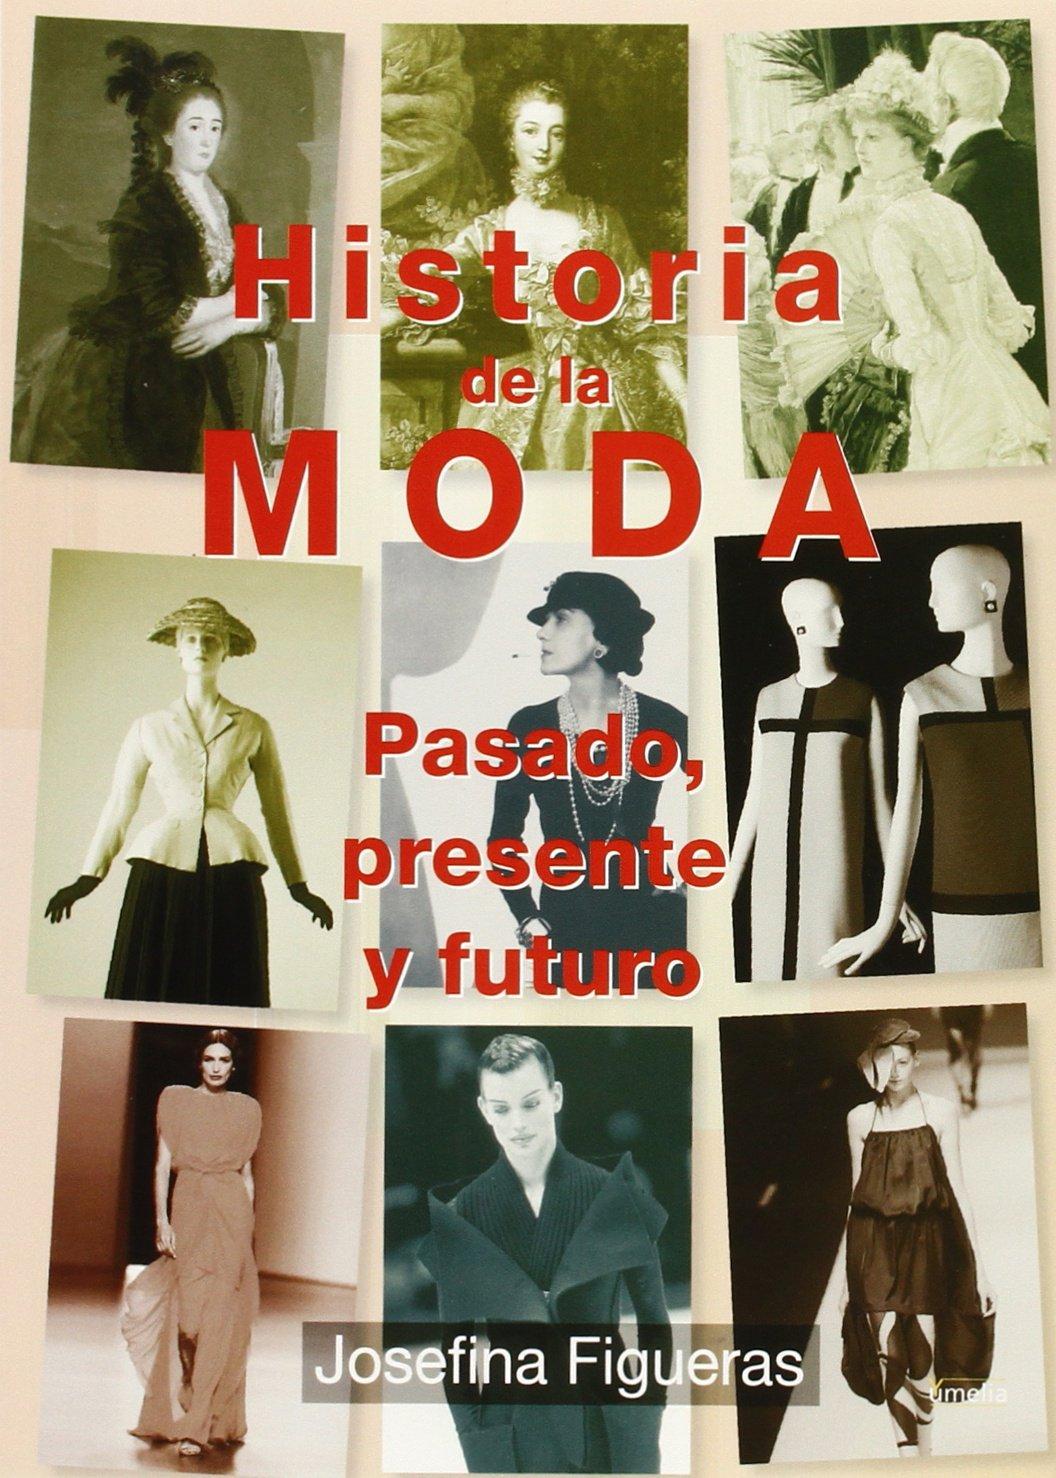 Historia de la moda: pasado, presente y futuro Yumelia sociedad: Amazon.es: Figueras Serra, Josefina: Libros